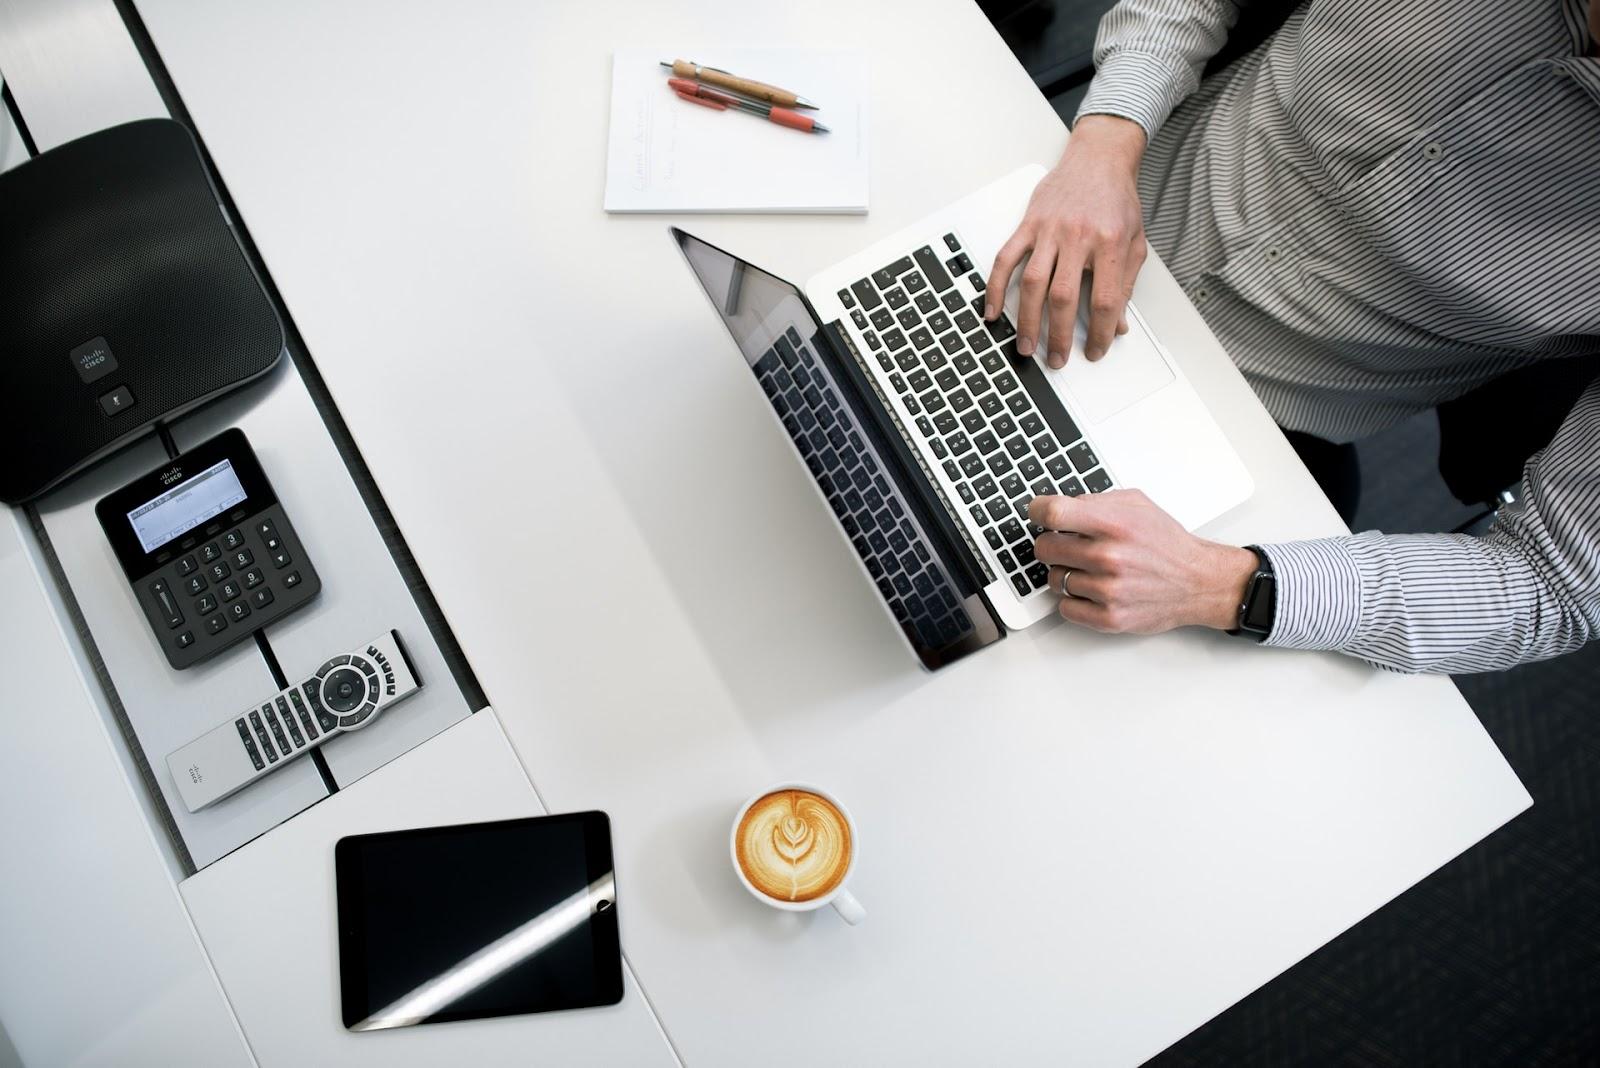 Entender como criar um blog não é tão complicado quanto parece. (Foto: Unsplash)